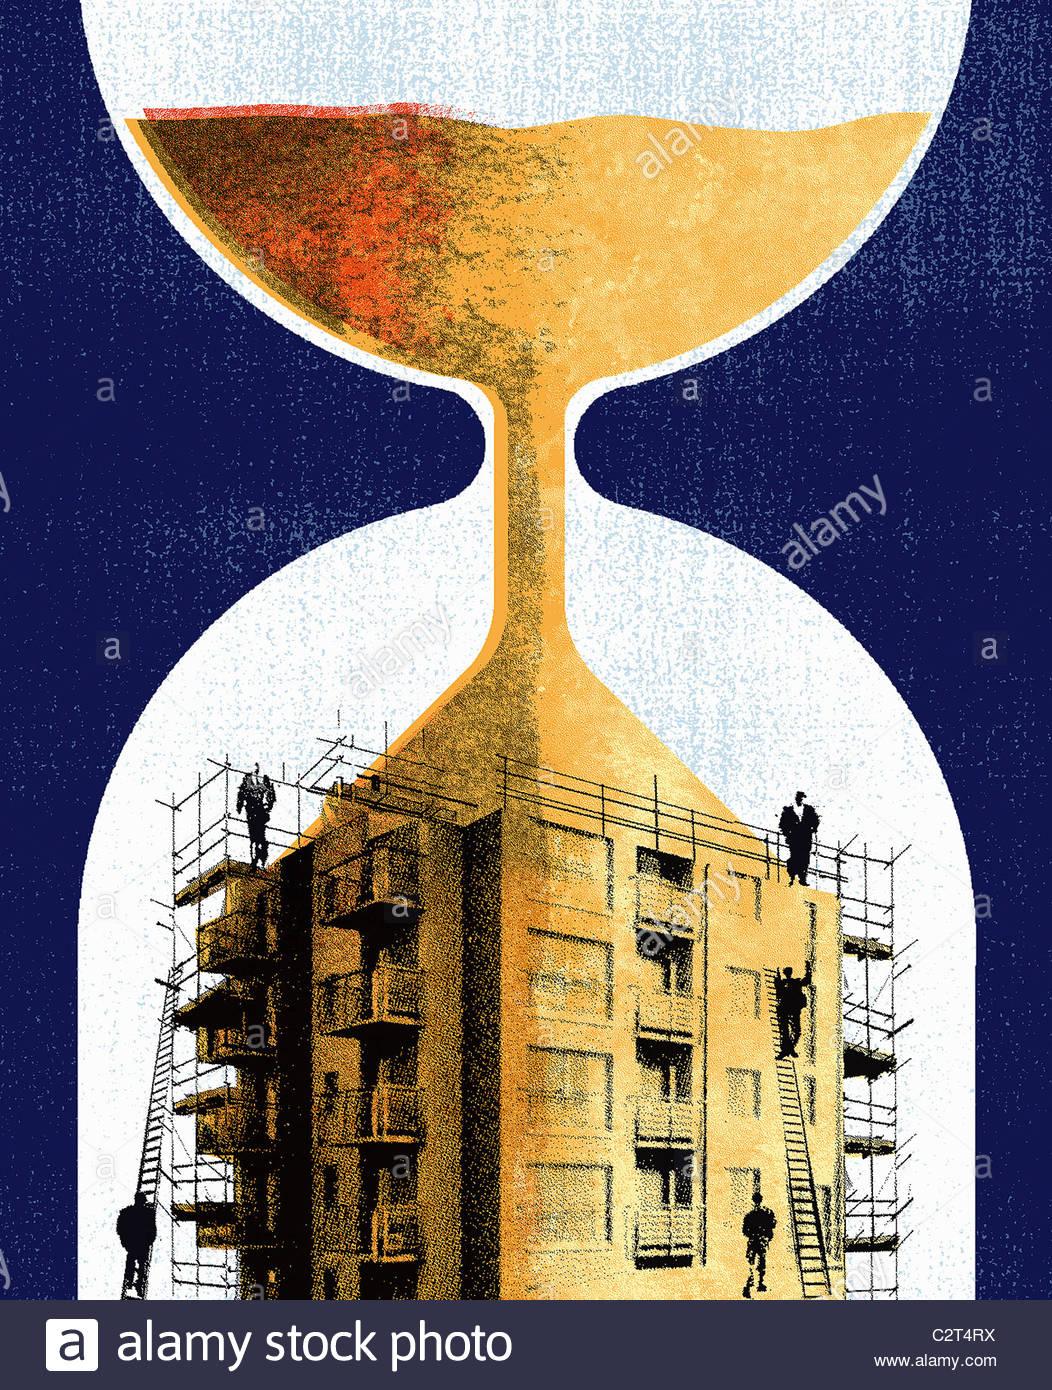 Reloj de arena arena girando en la construcción de andamios Imagen De Stock